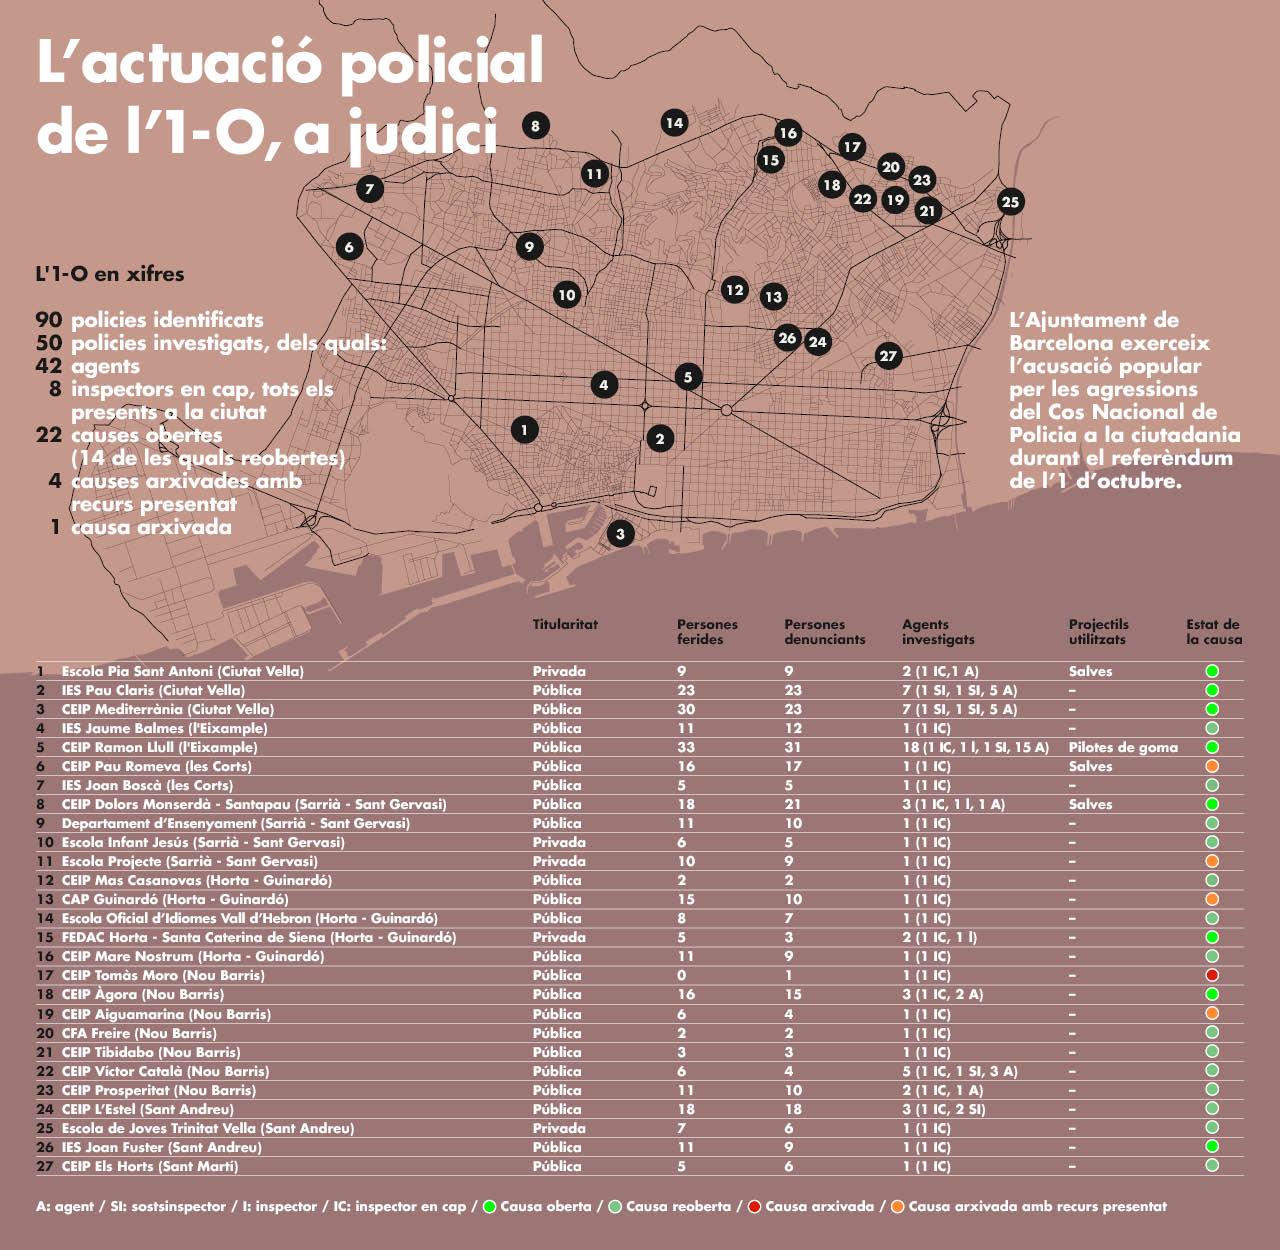 infografia, 1 octubre, actuació policial, Policia Nacional, ferits 1 octubre